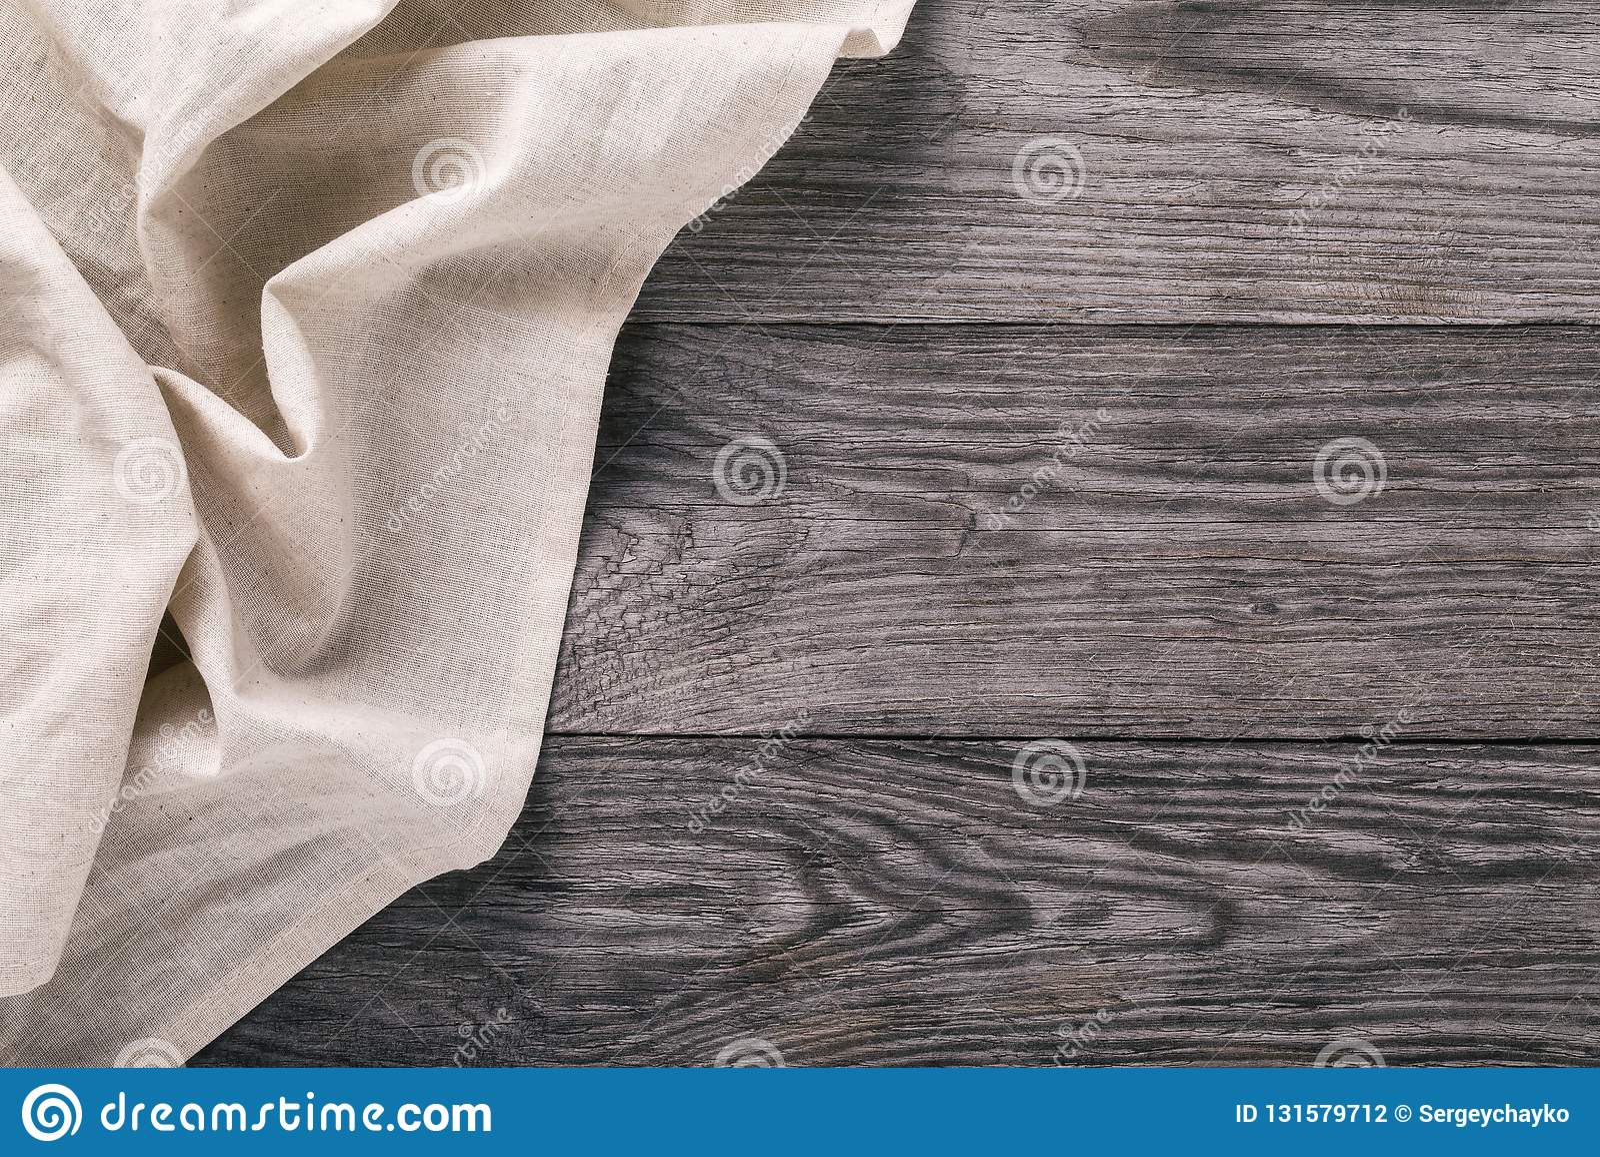 Vista superiore della tovaglia leggera sul lato sinistro della tavola di legno